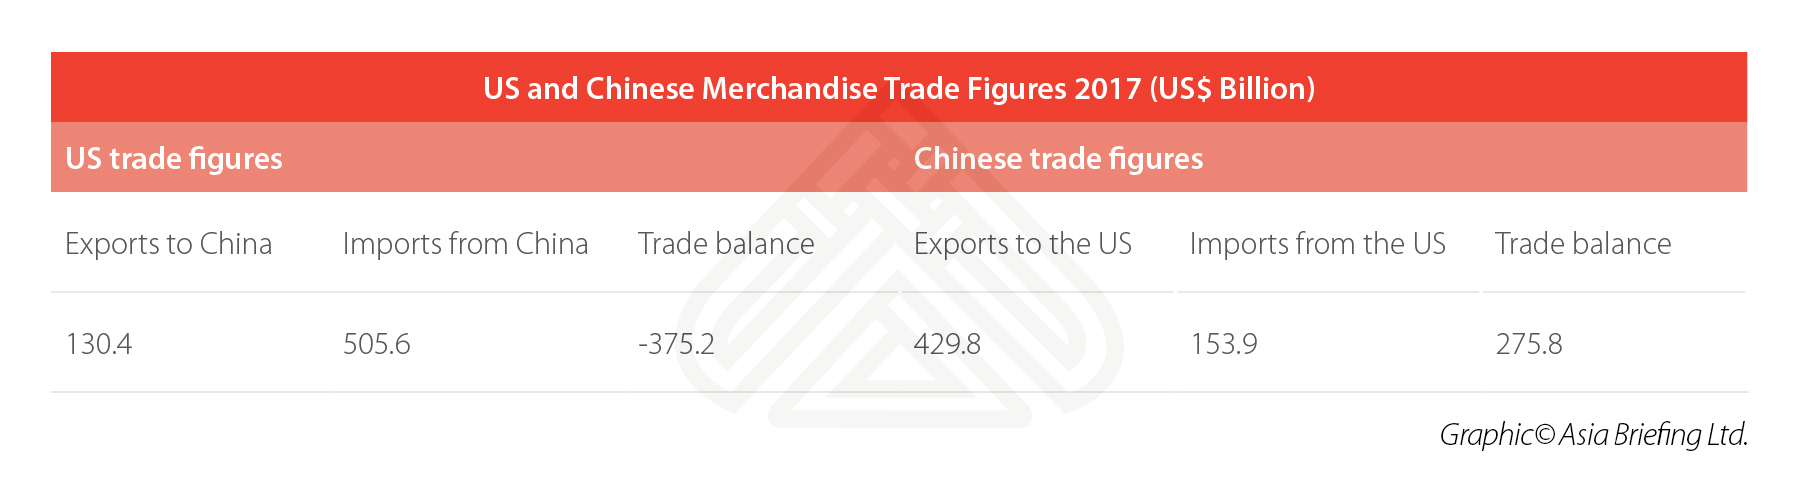 US-China-Merchandise-Trade-2017-Data